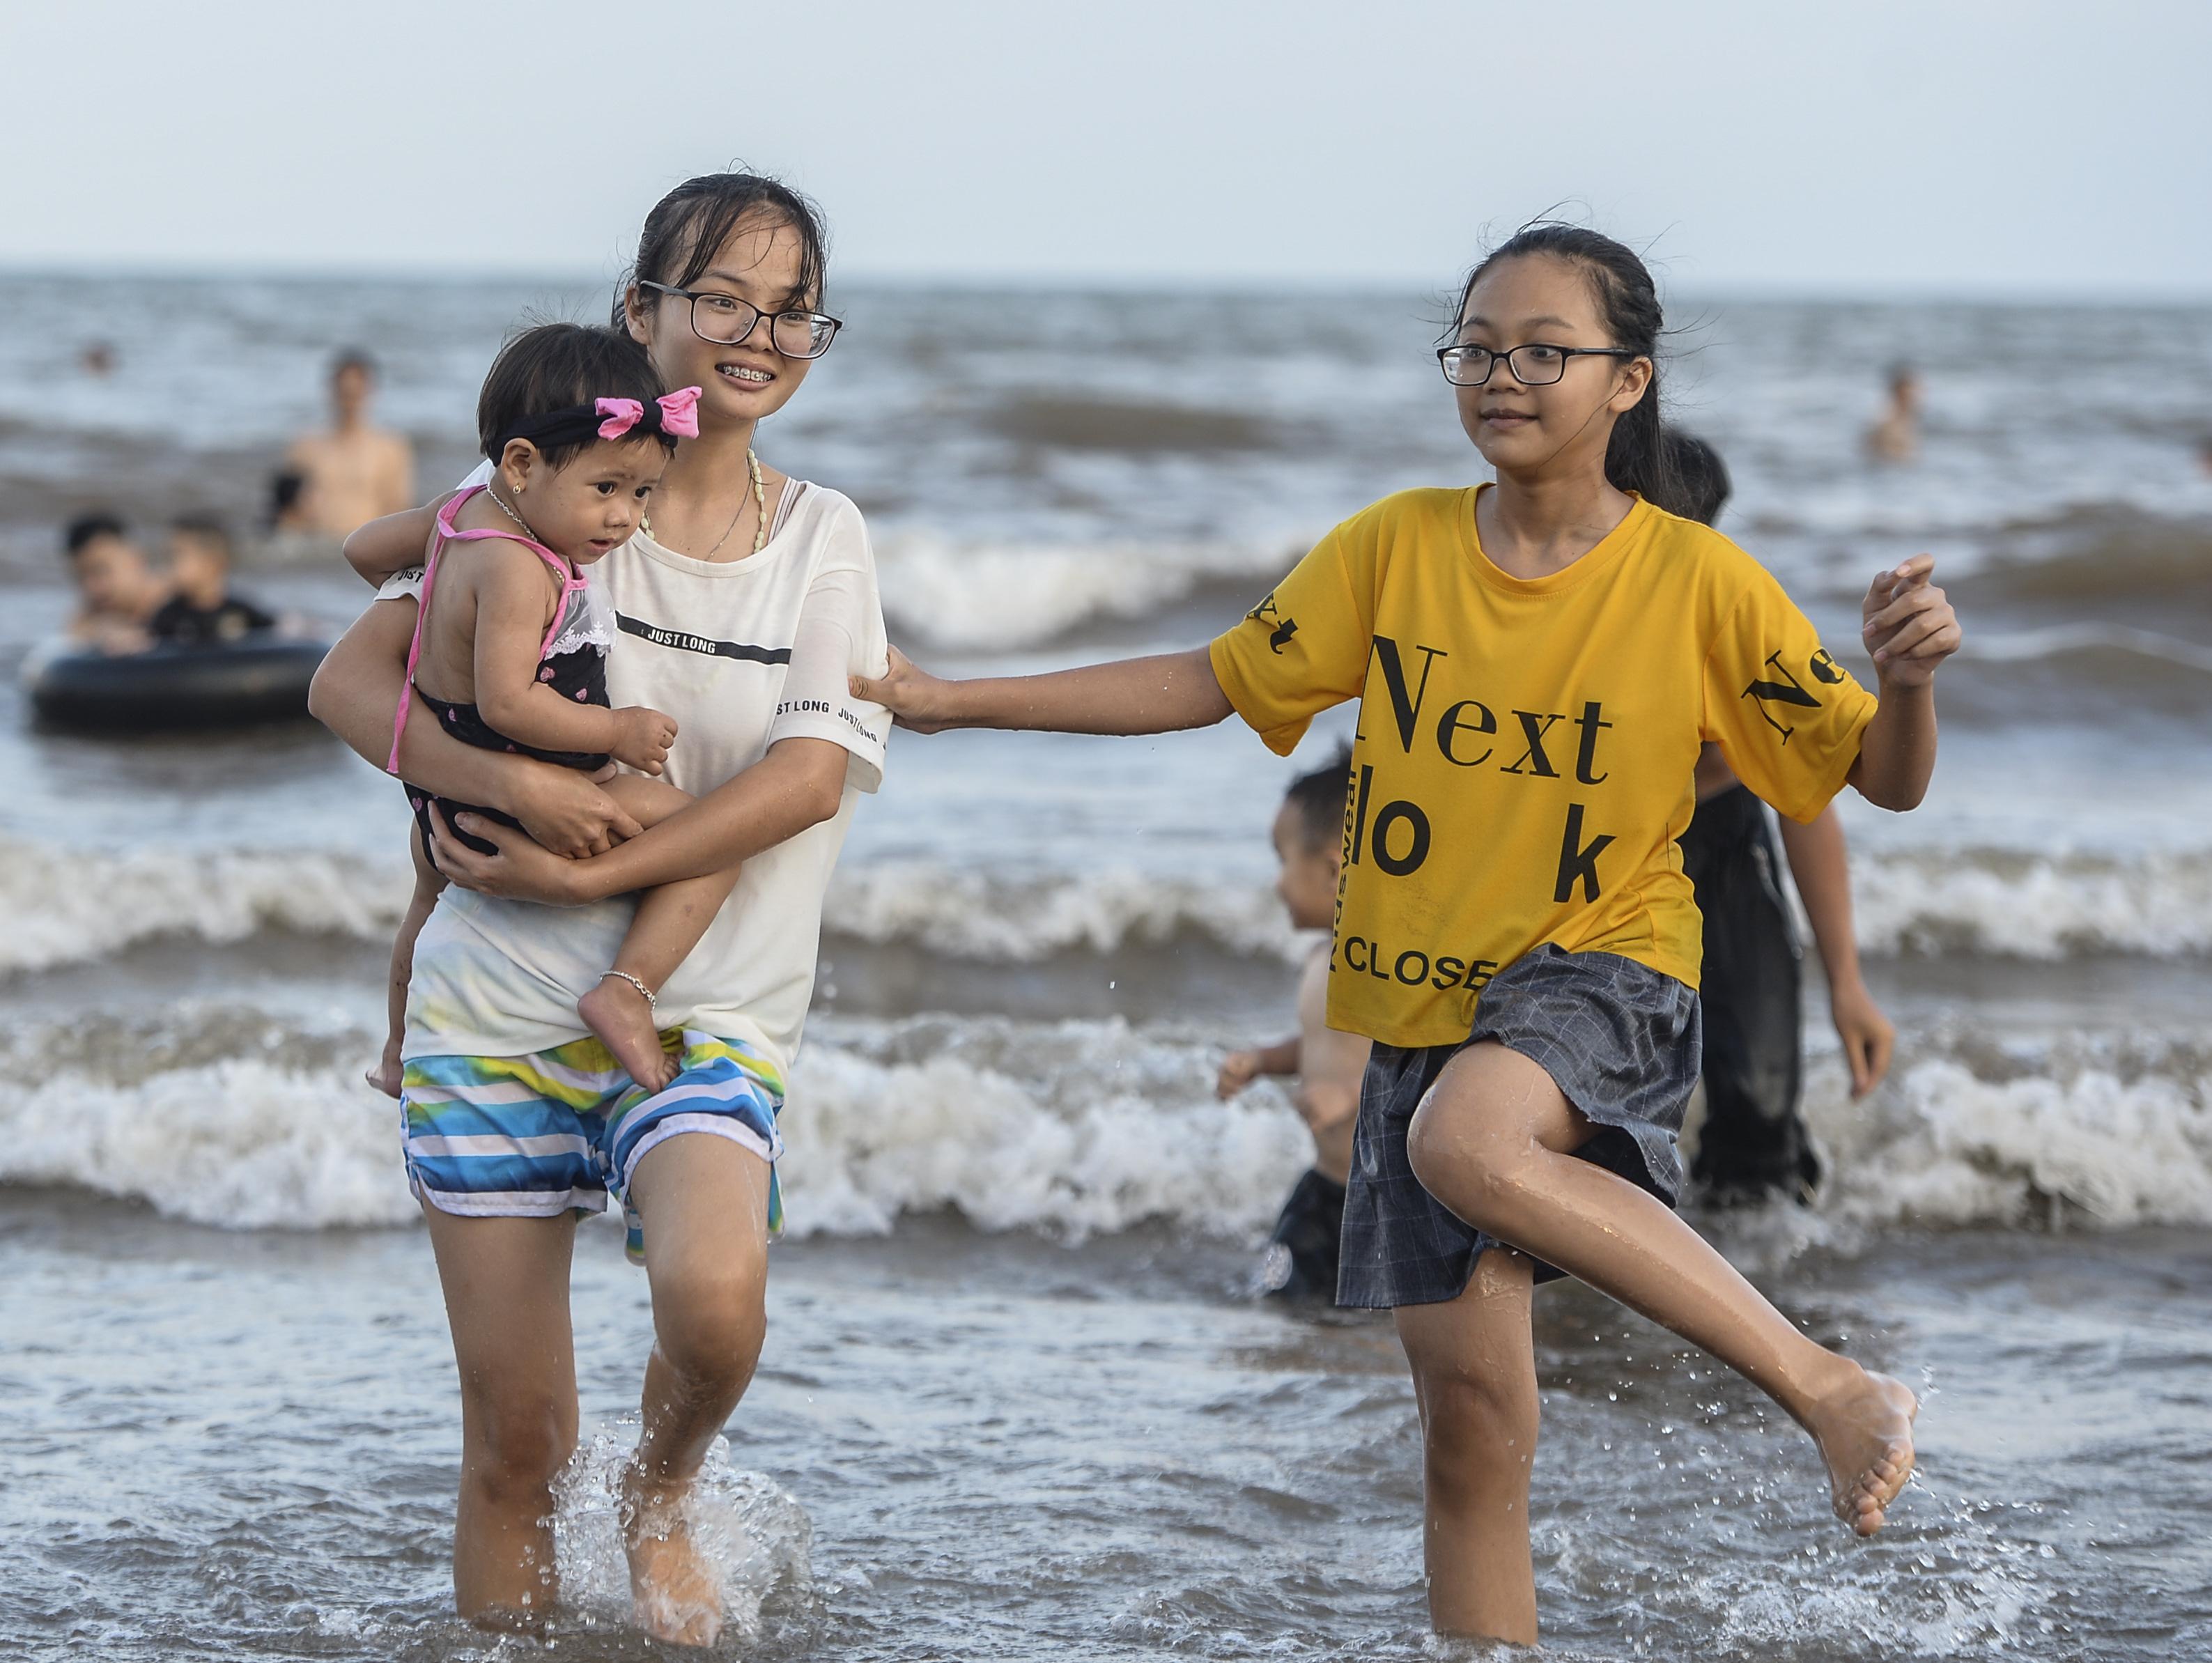 Ngày thứ 3 dịp nghỉ lễ, bãi biển Quất Lâm đông kín người, du khách tắm chung bèo, rác - Ảnh 5.